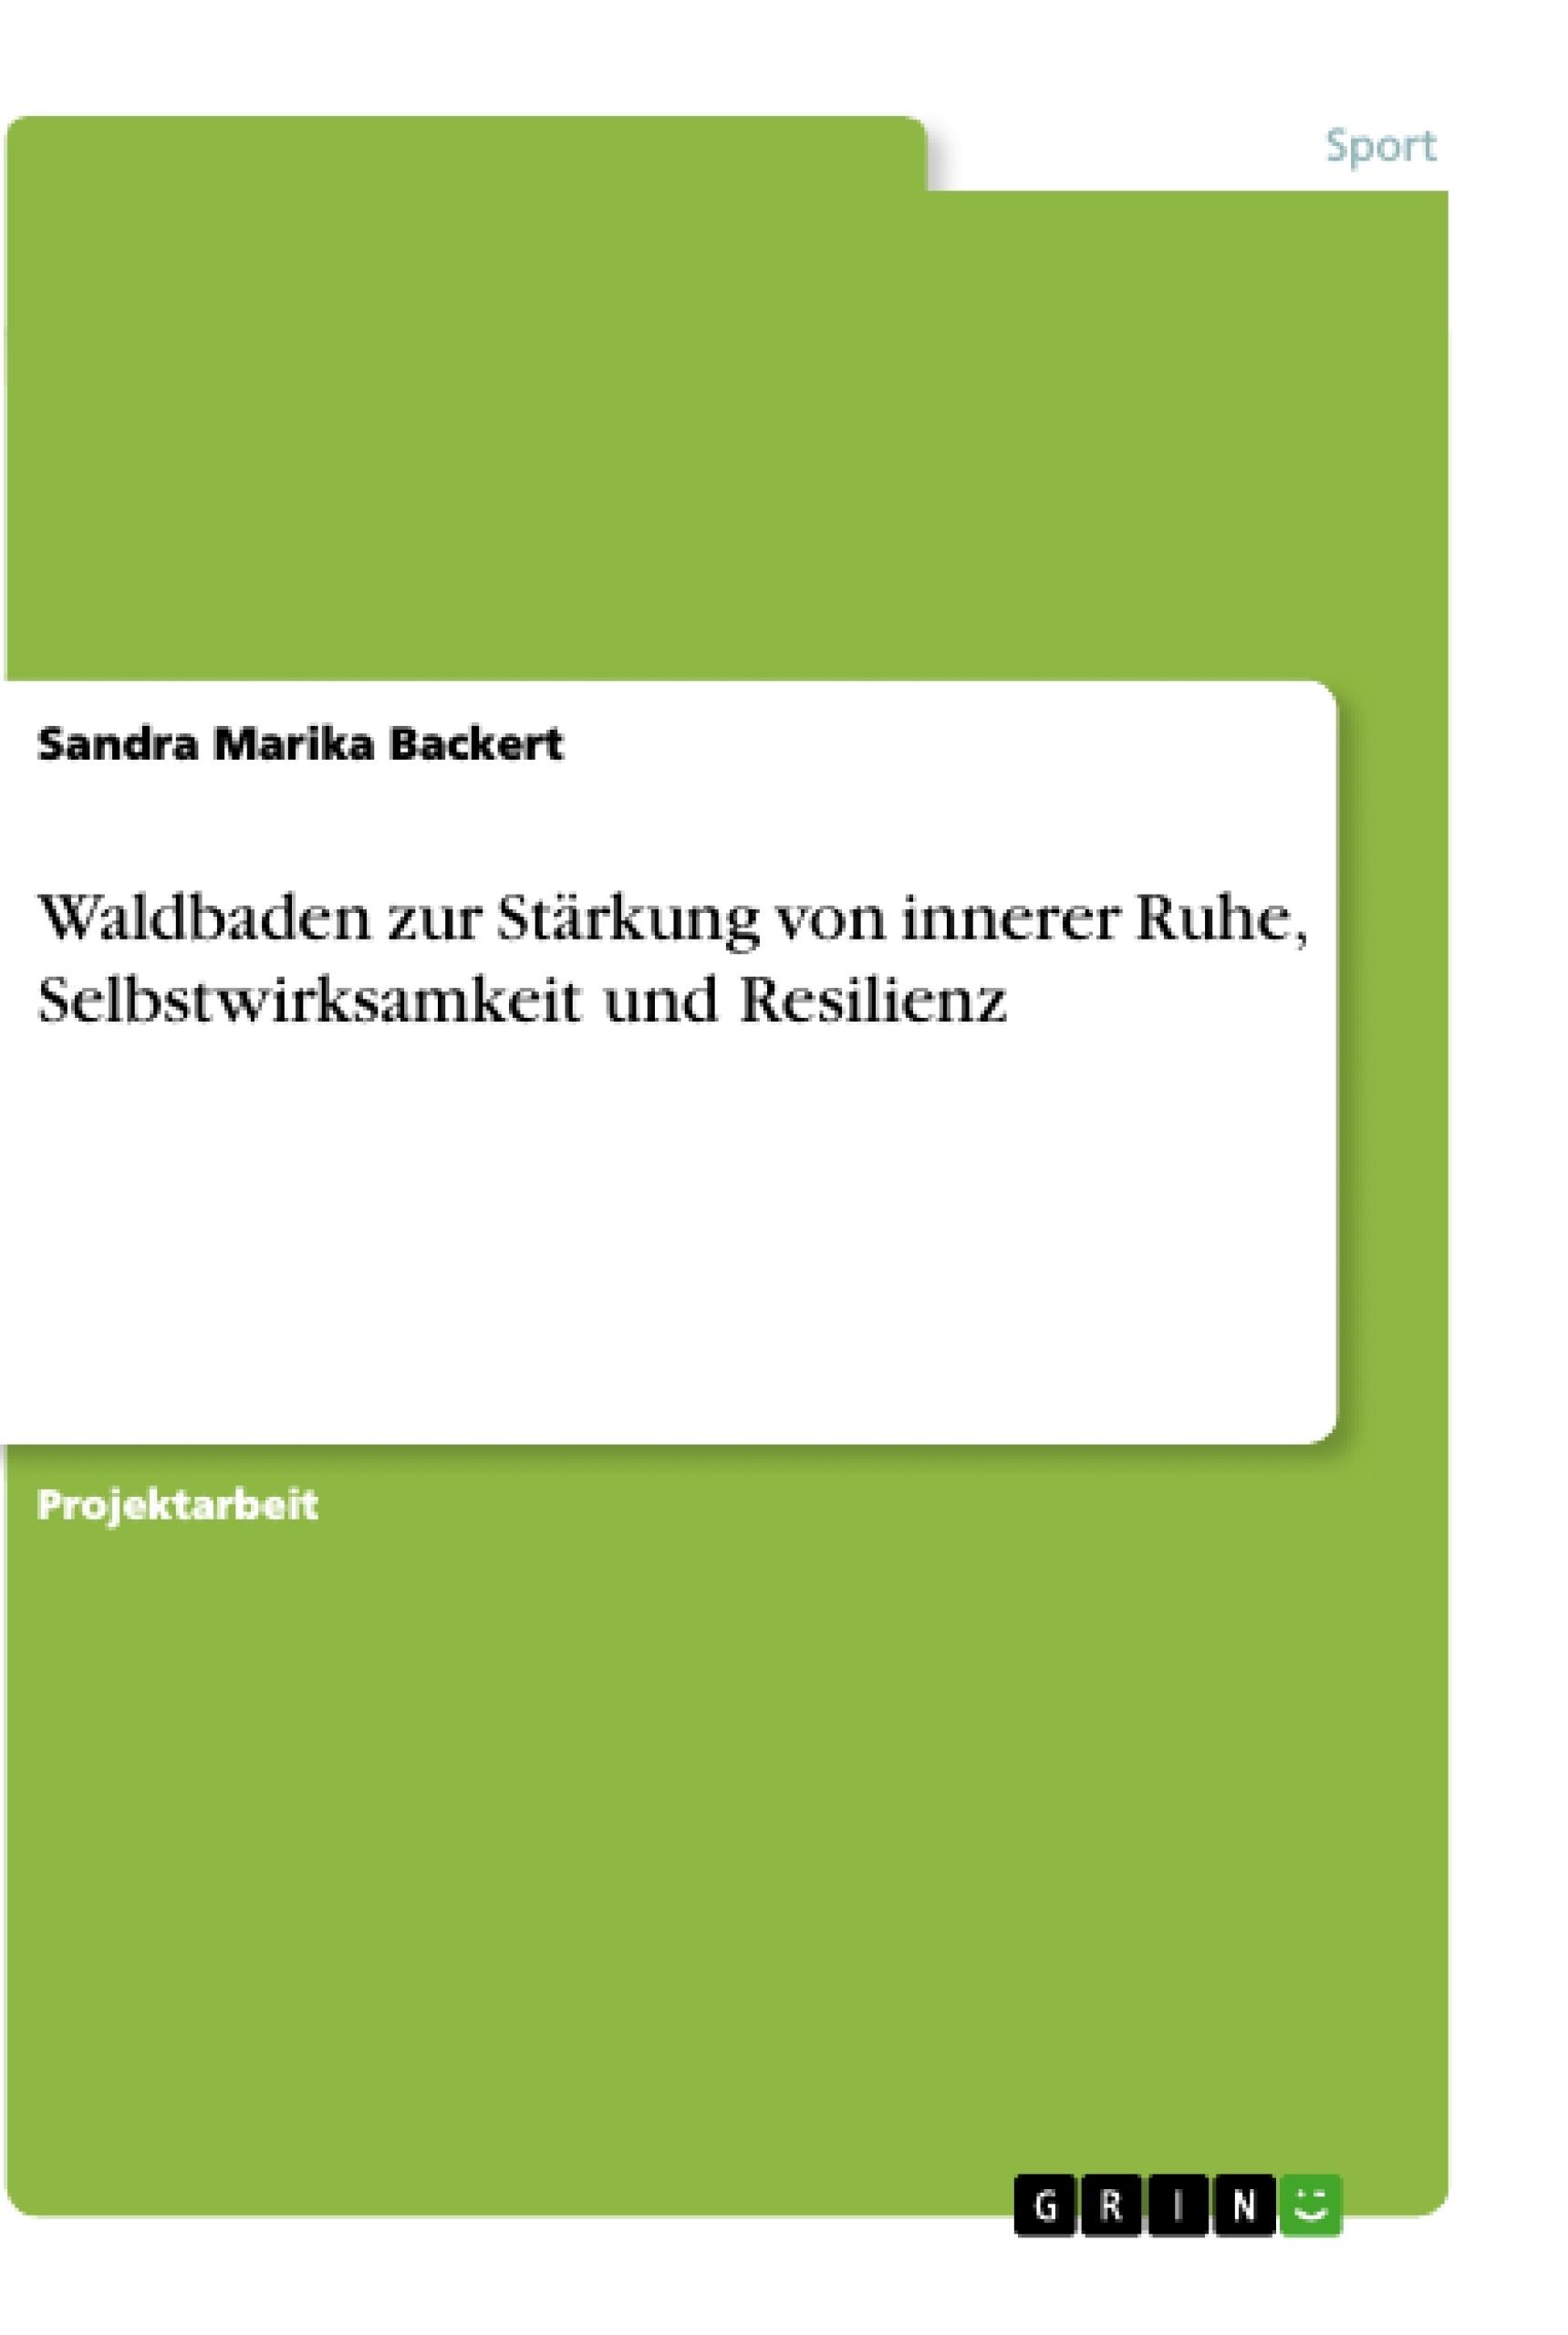 Titel: Waldbaden zur Stärkung von innerer Ruhe, Selbstwirksamkeit und Resilienz